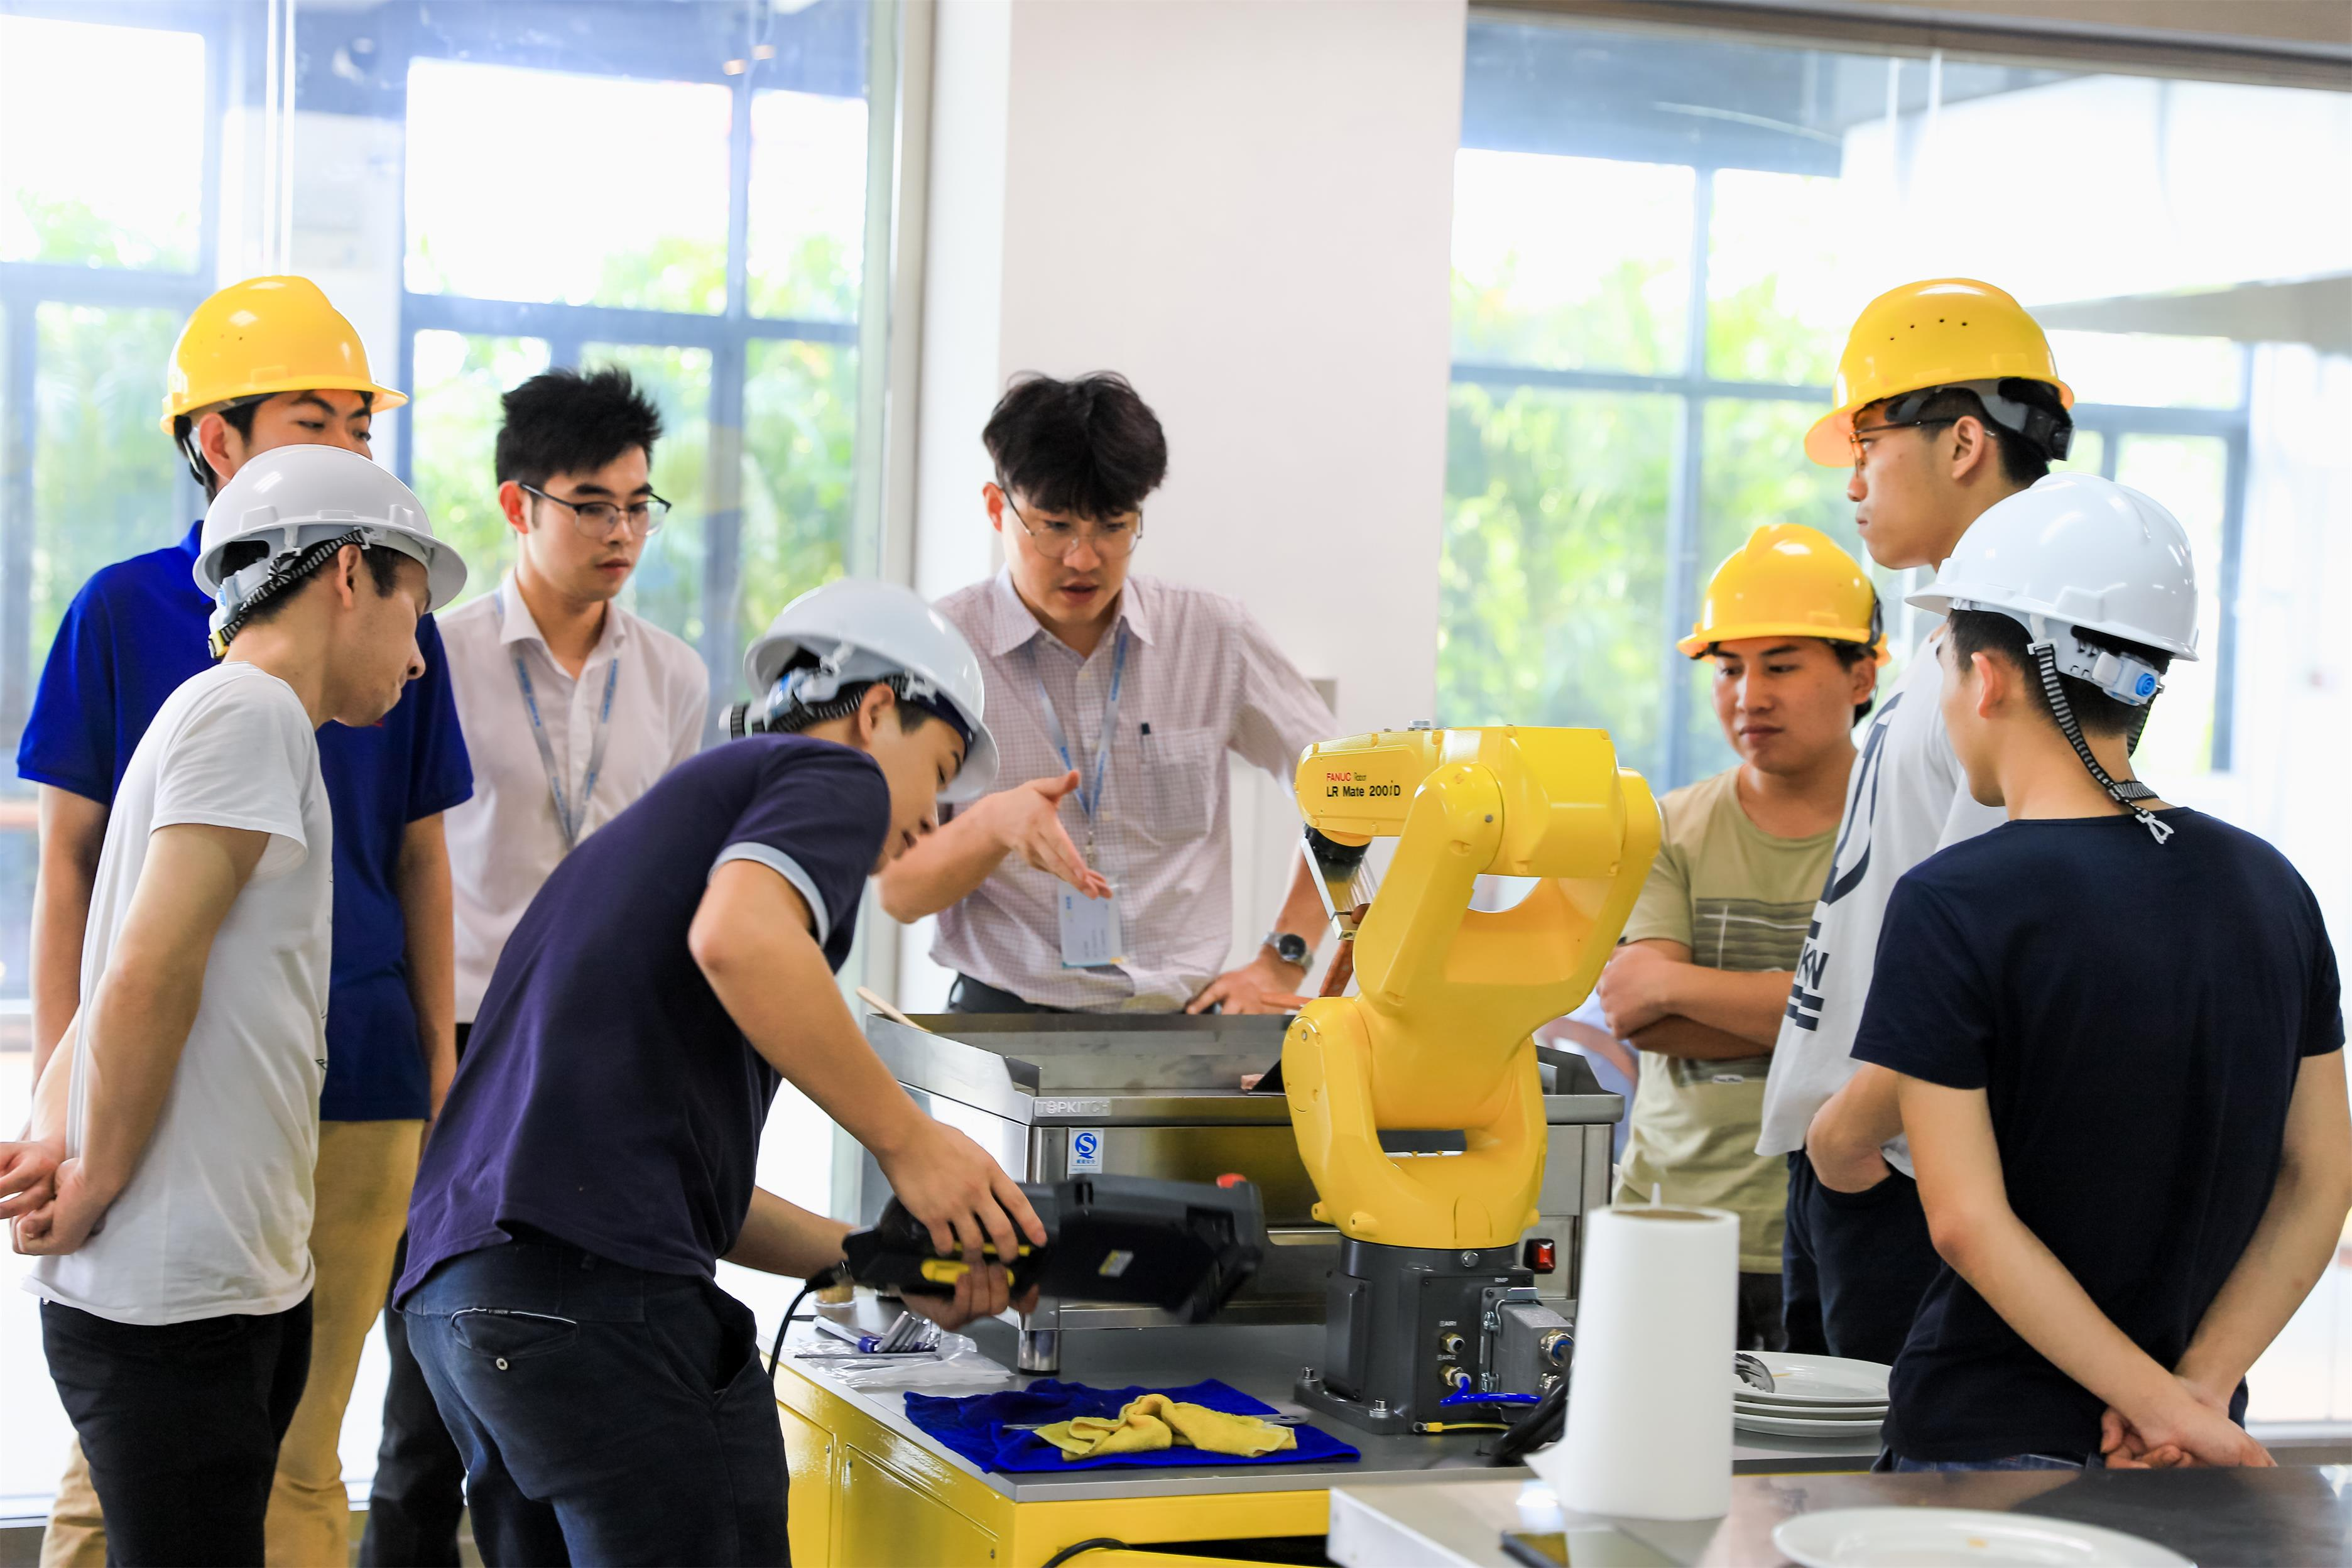 博智林机器人研究人员.jpg